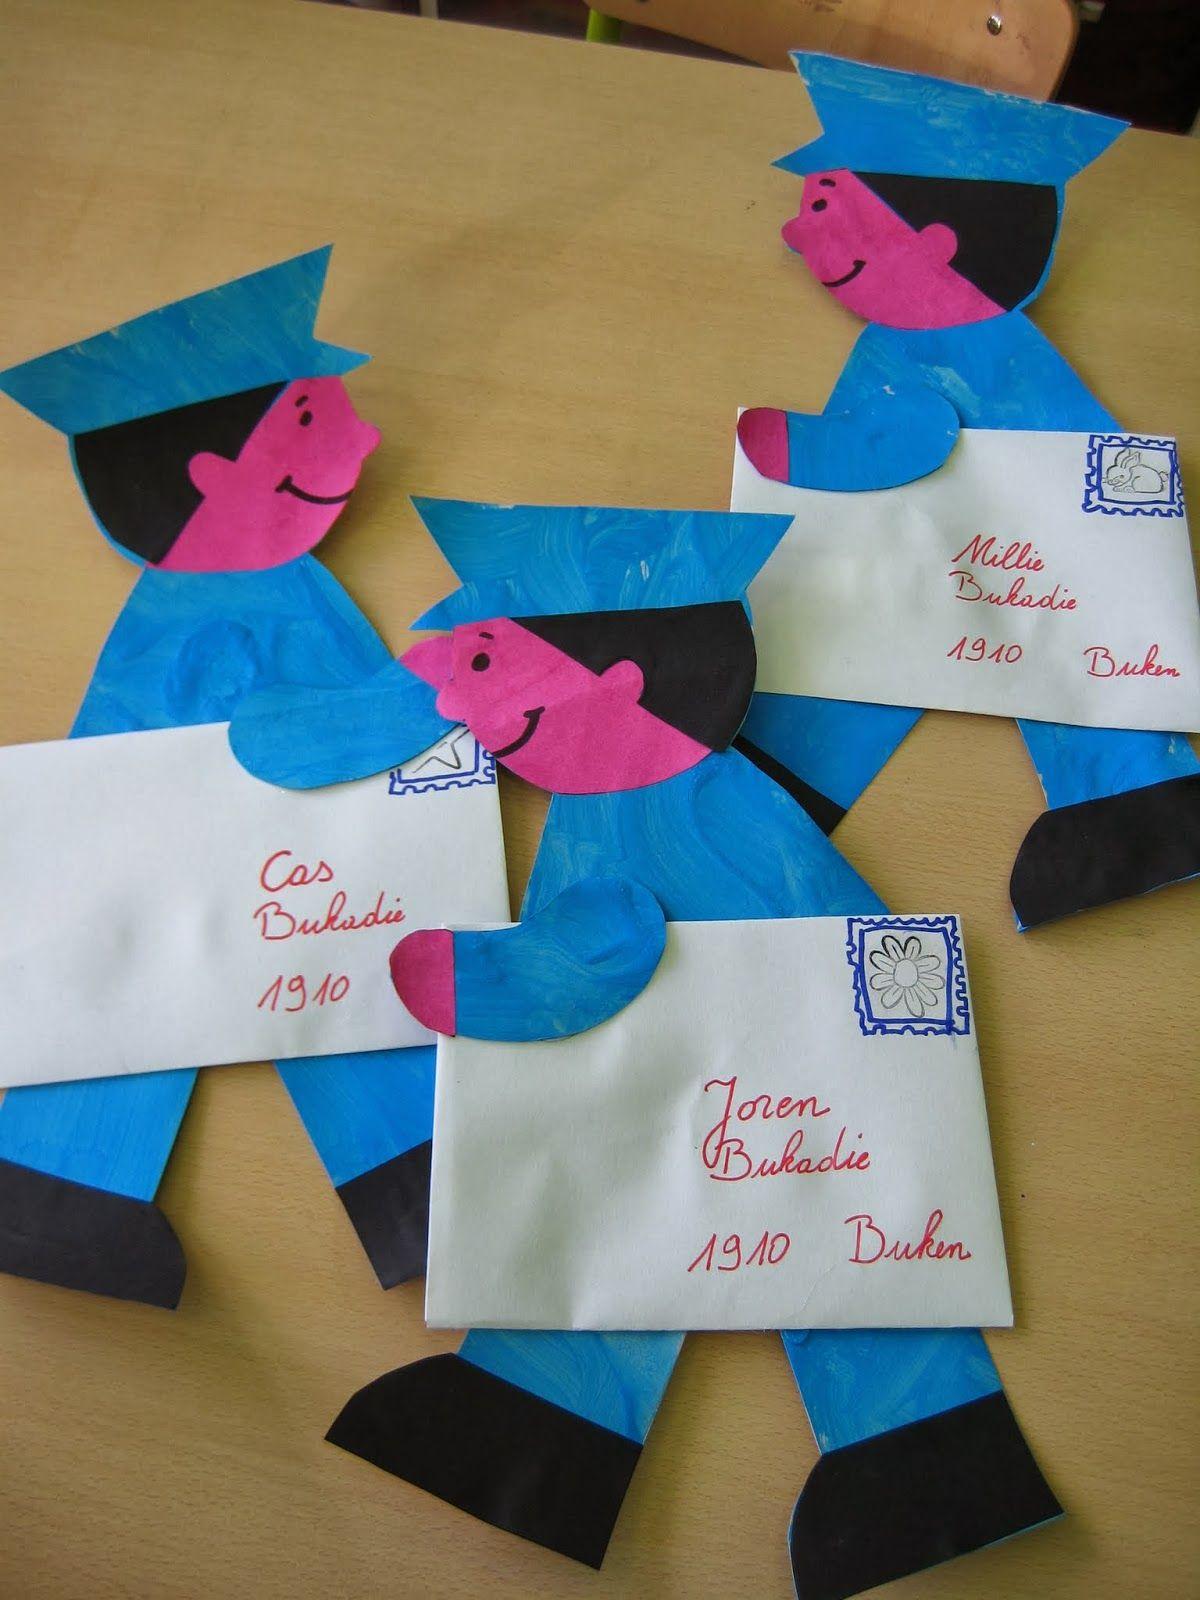 De Postbode Knutsel